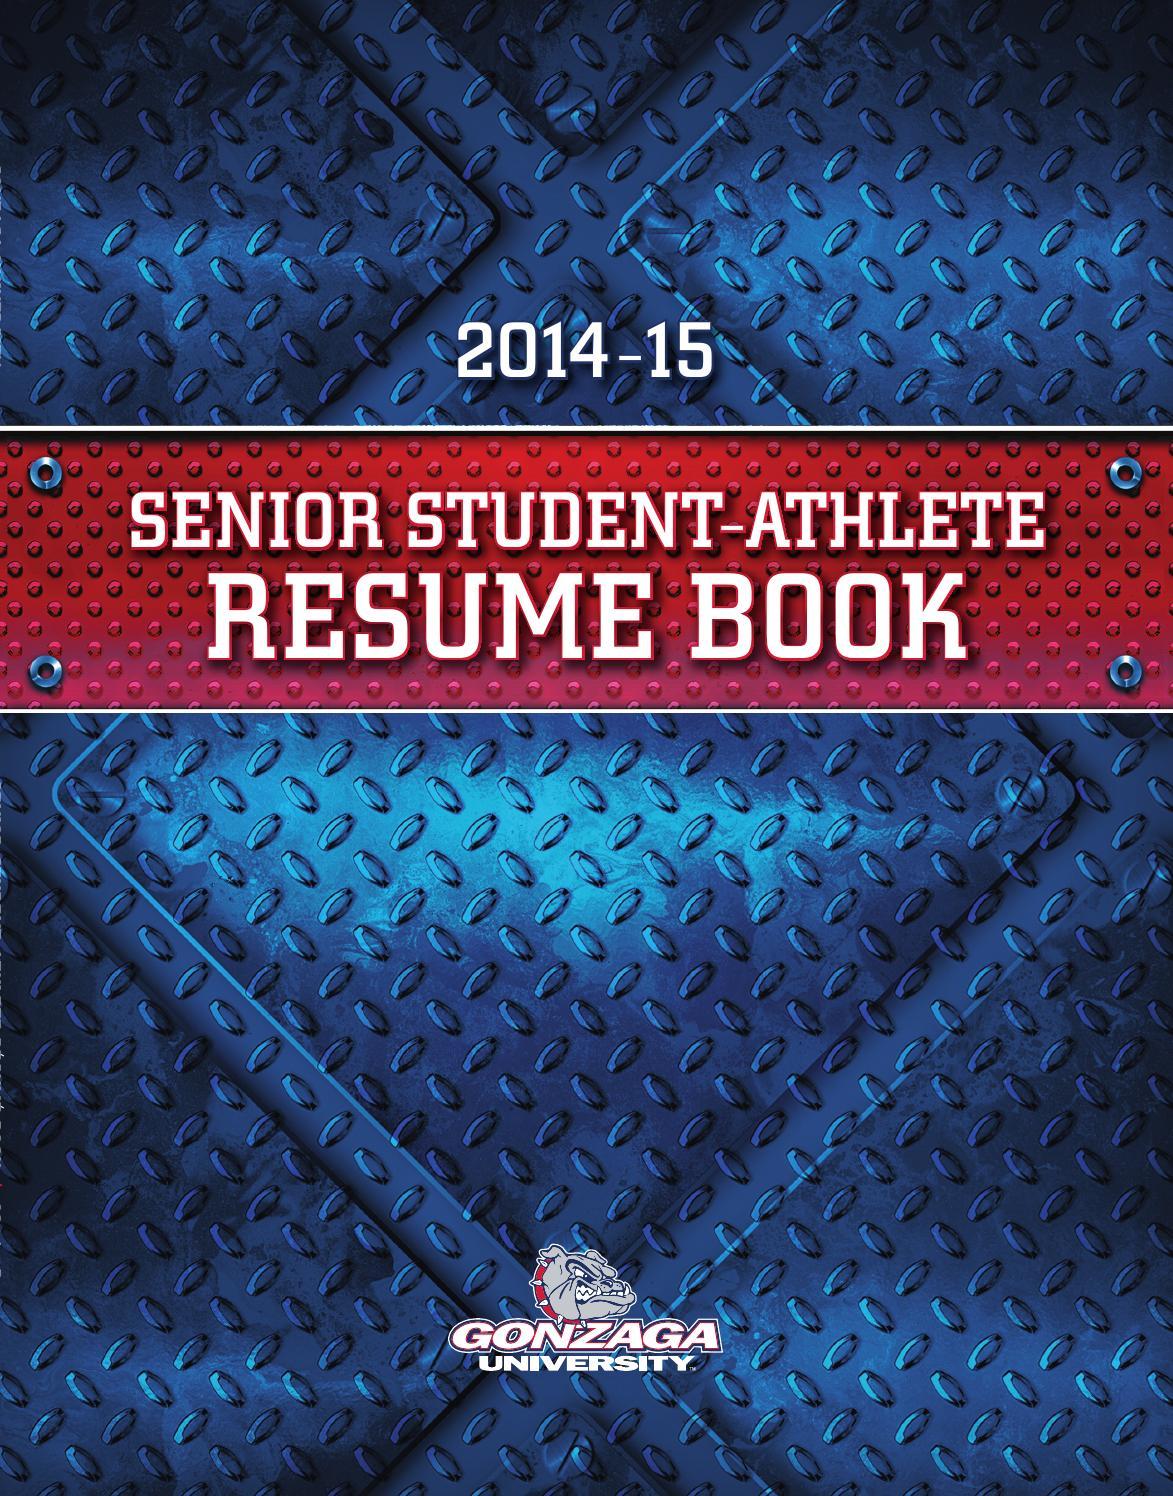 Gonzaga University Senior Student Athlete Resume Book 2015 By